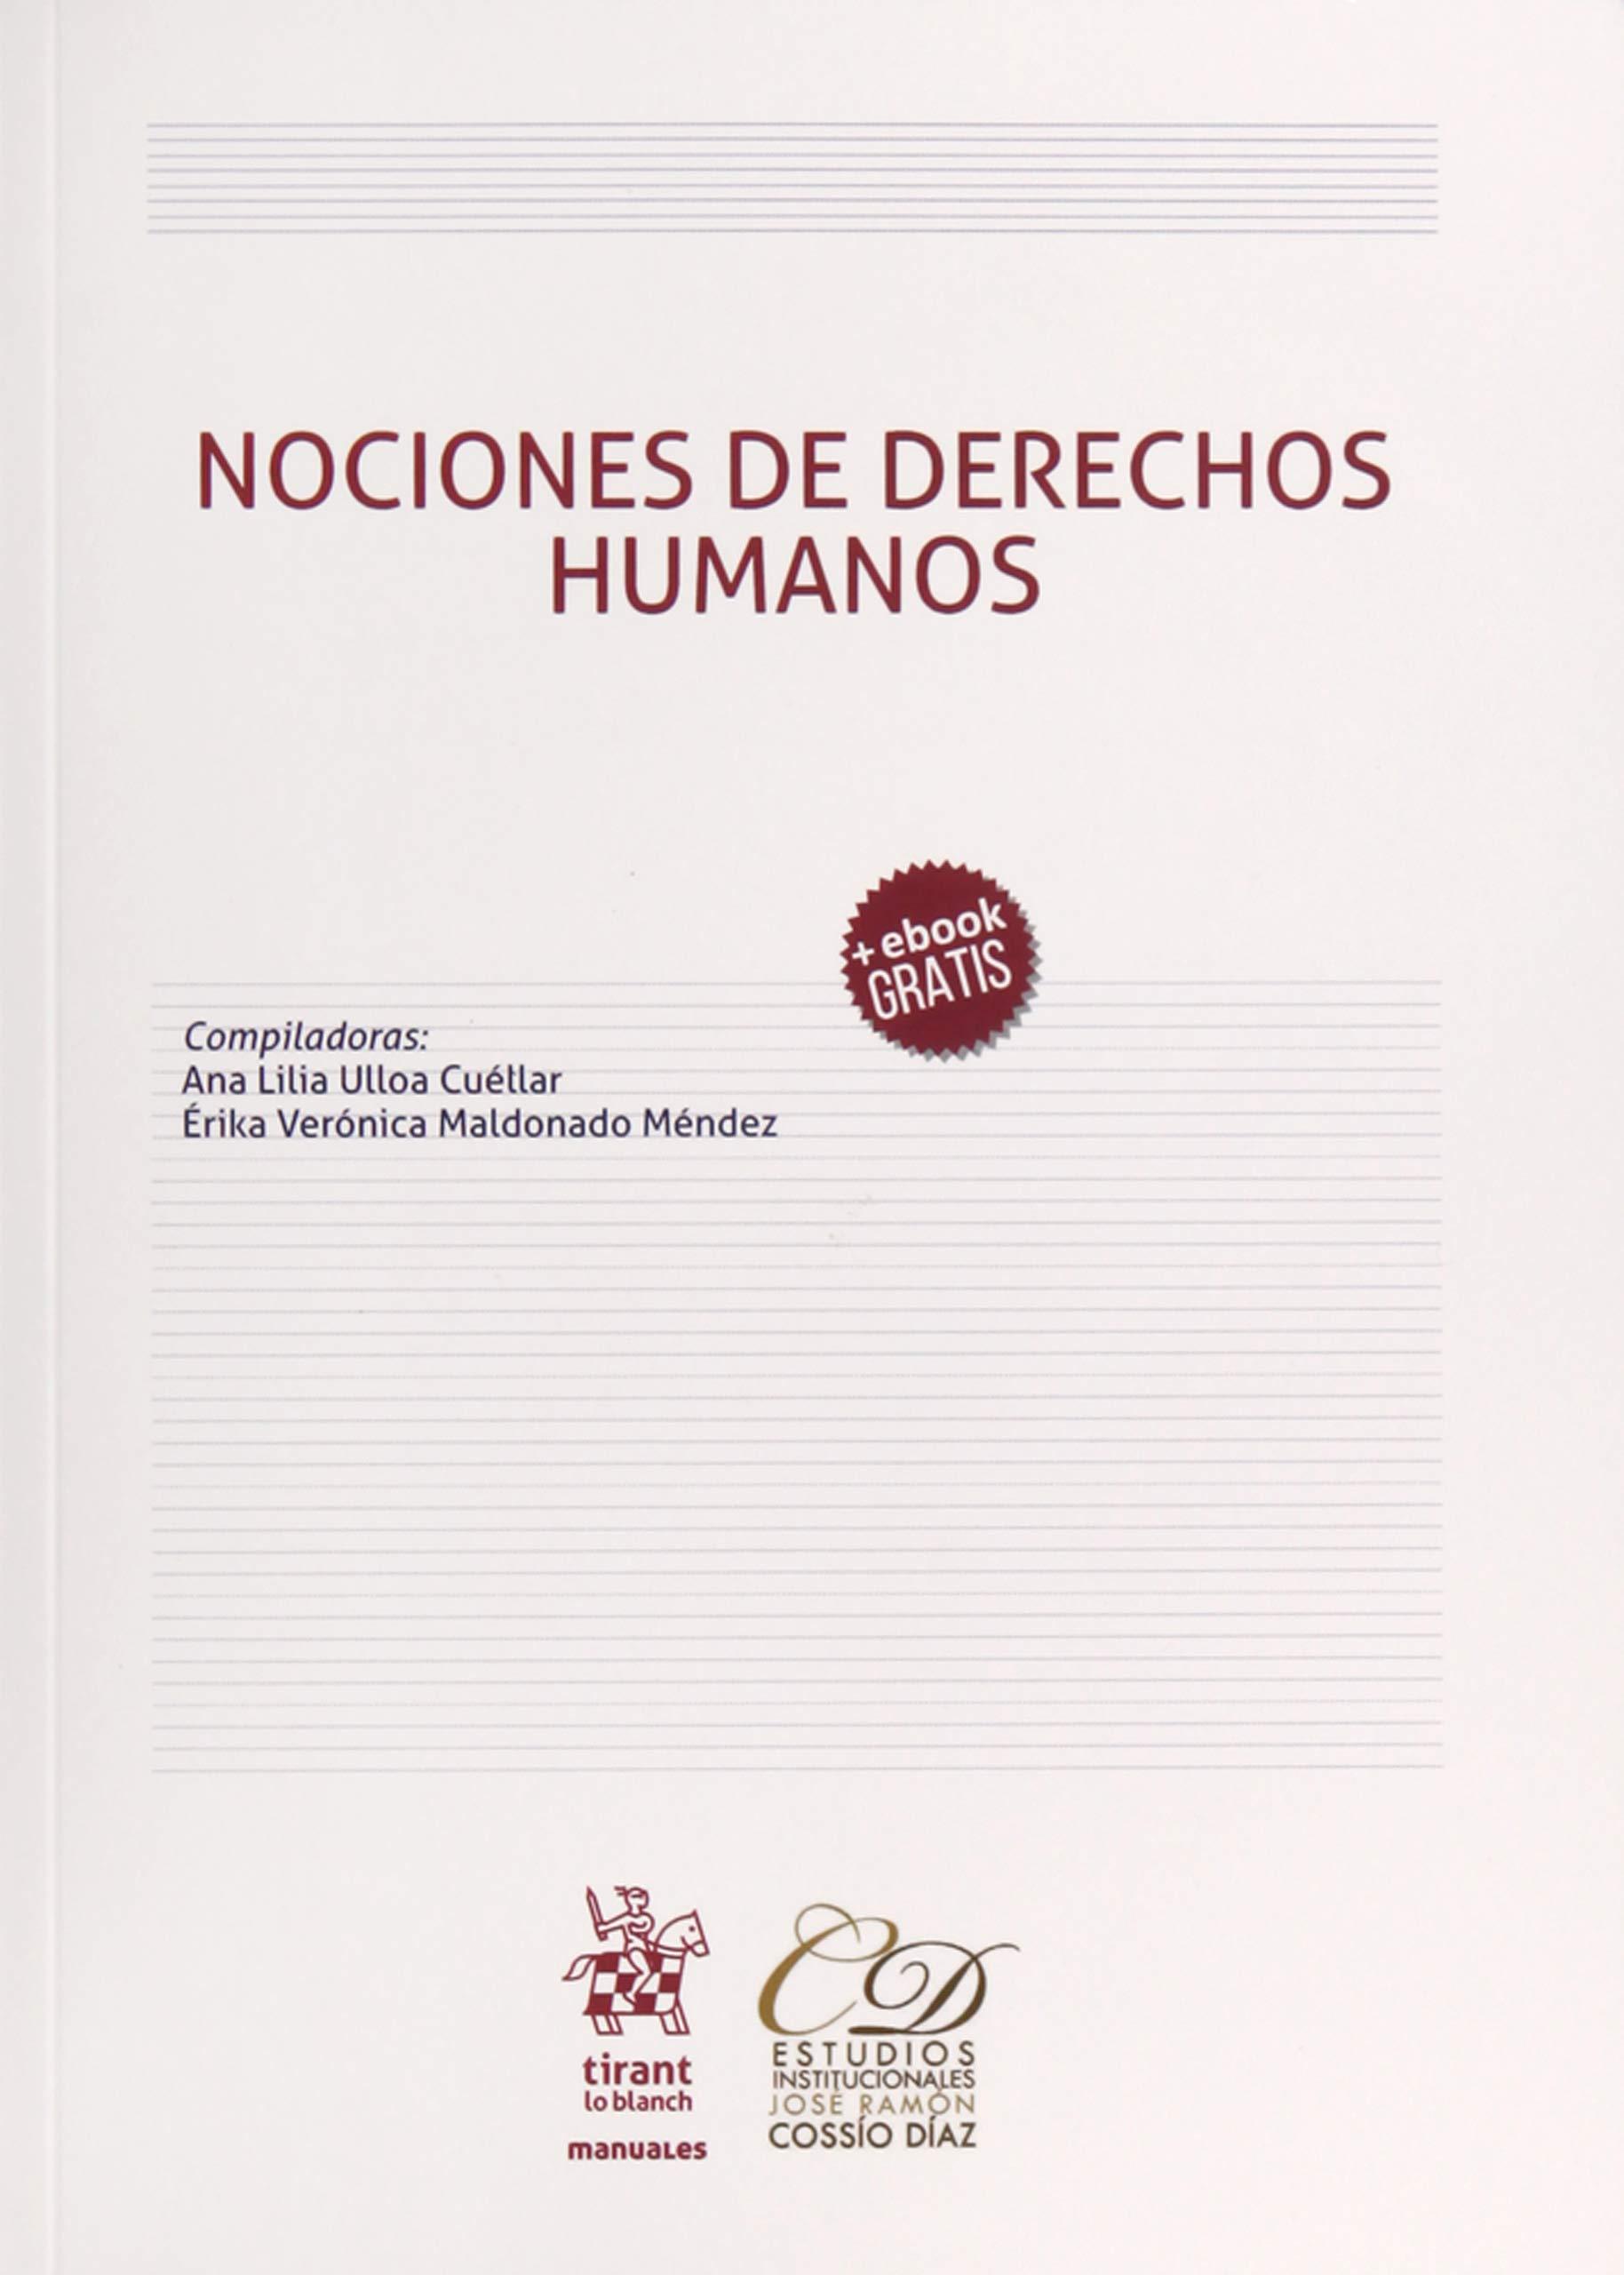 Nociones de derechos humanos